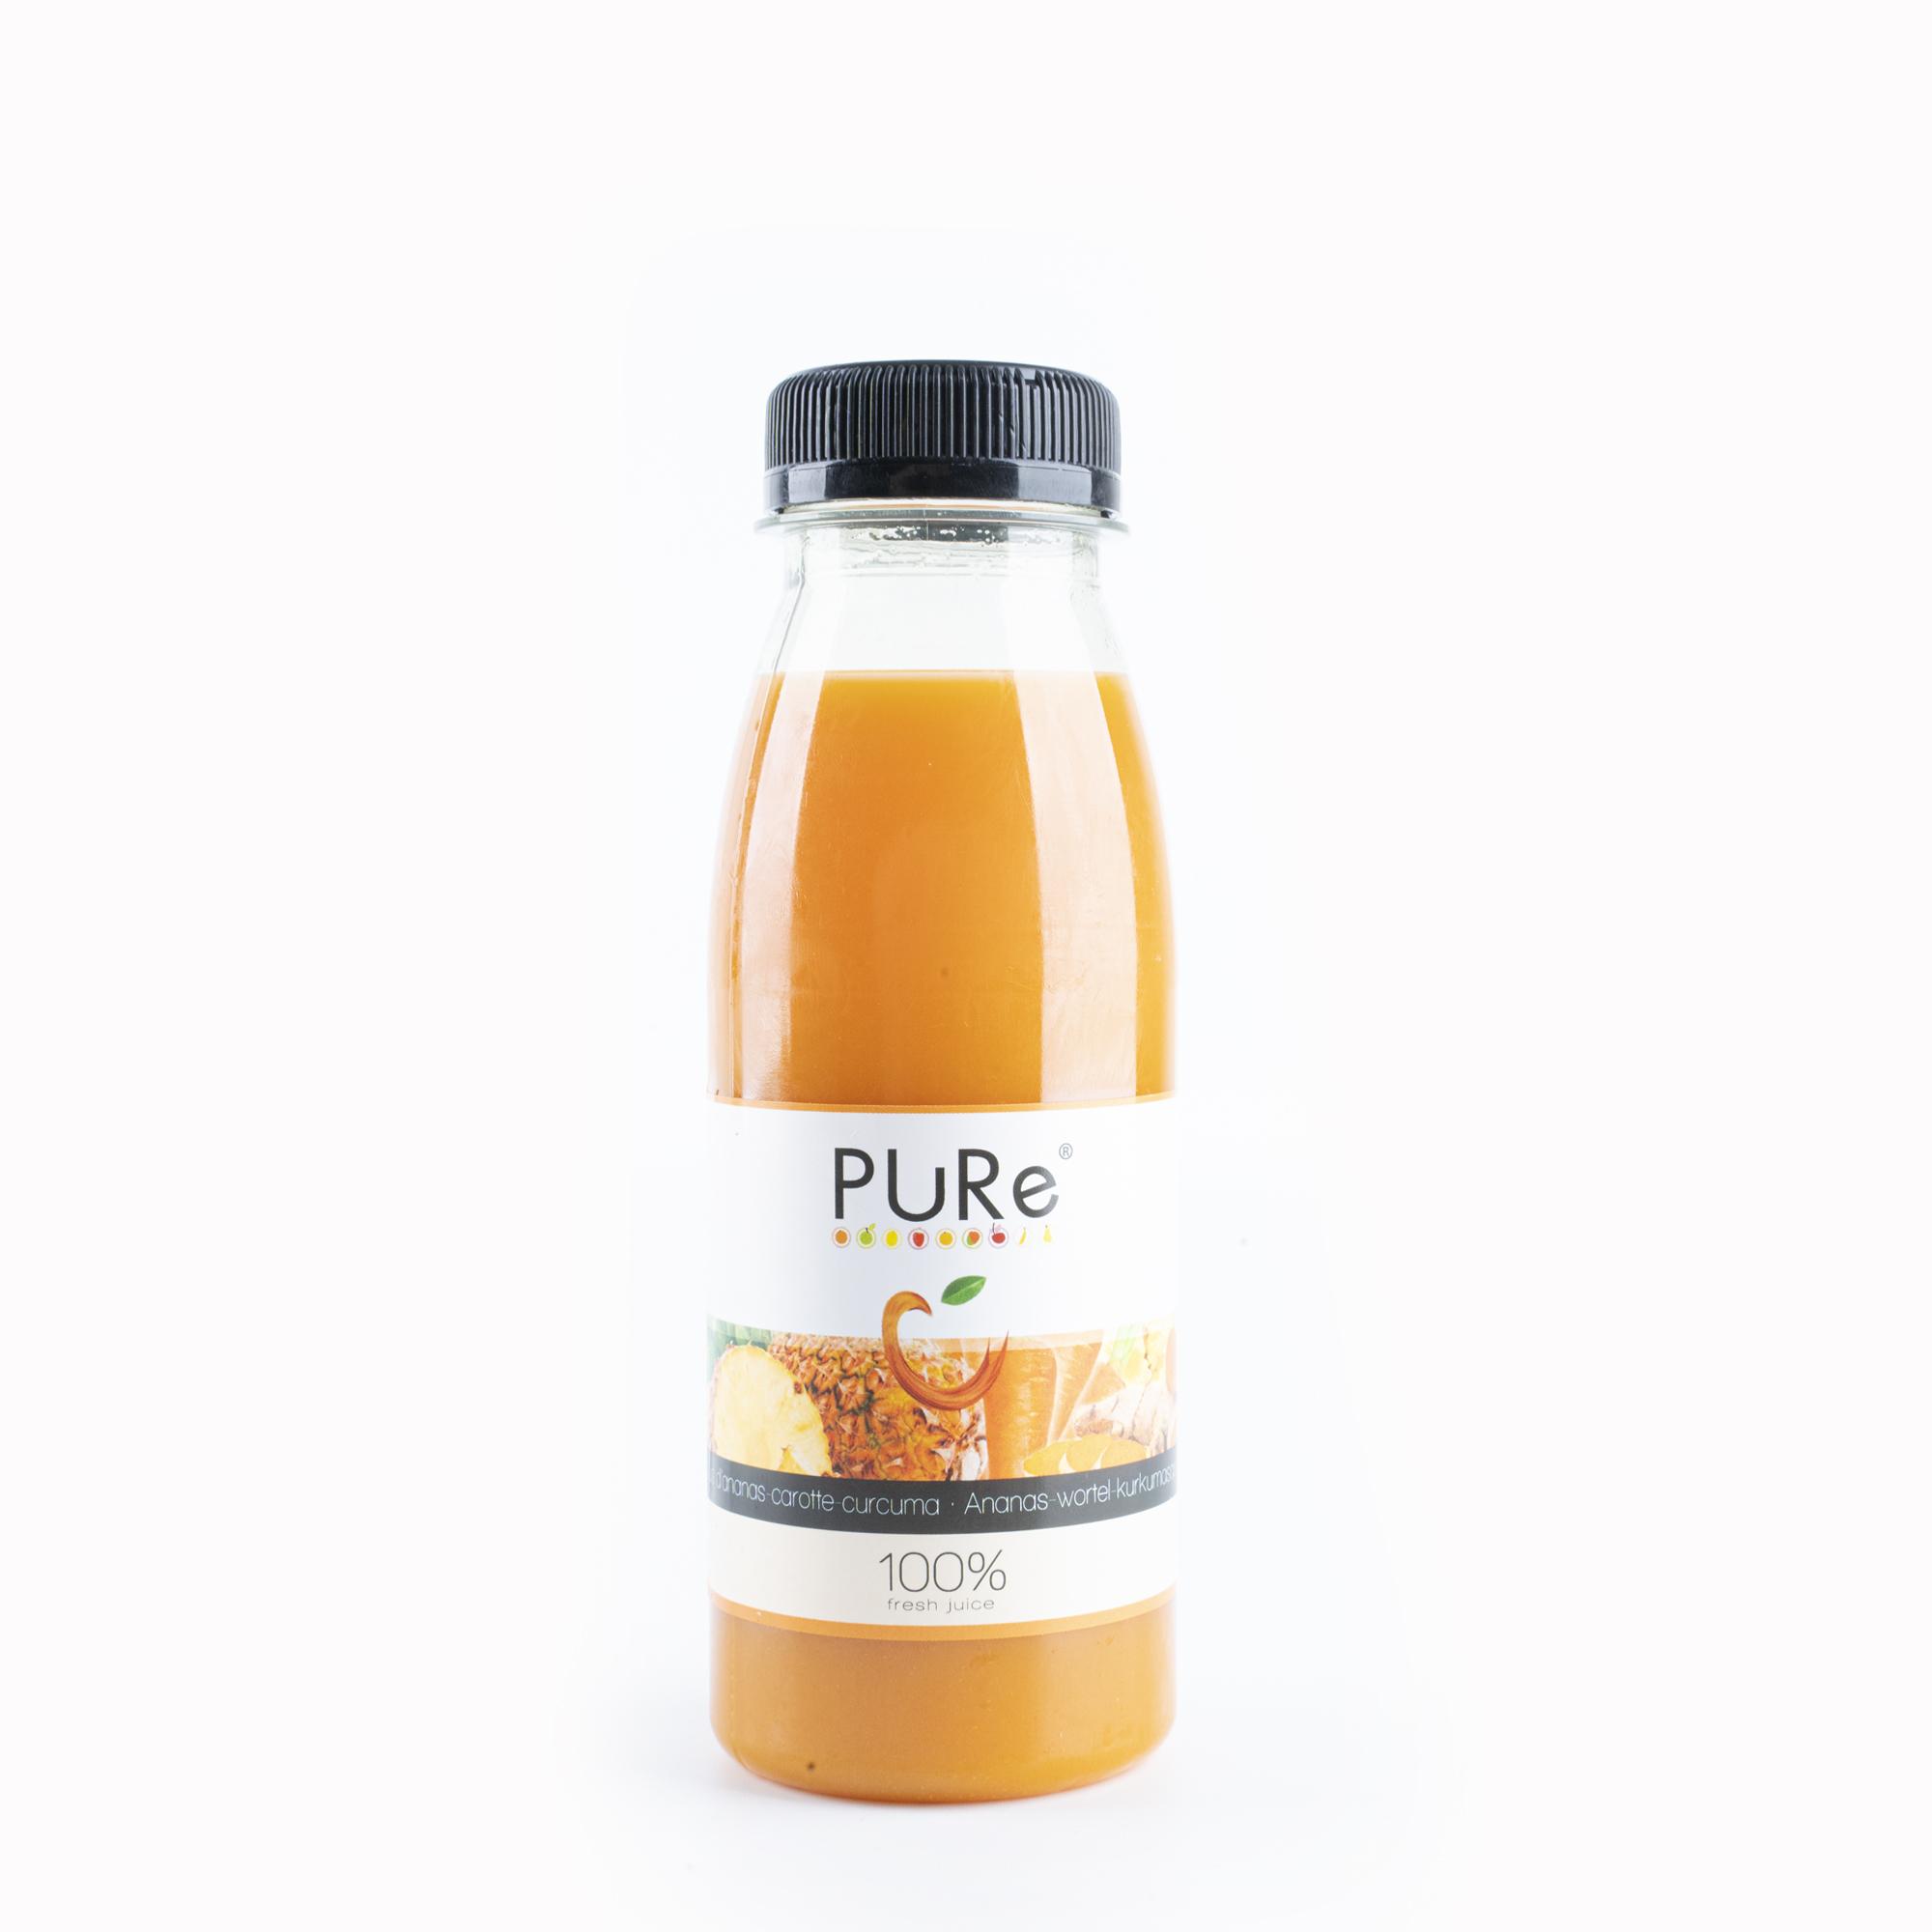 The Juicy Group - Sap ananas wortel kurkuma 25cl